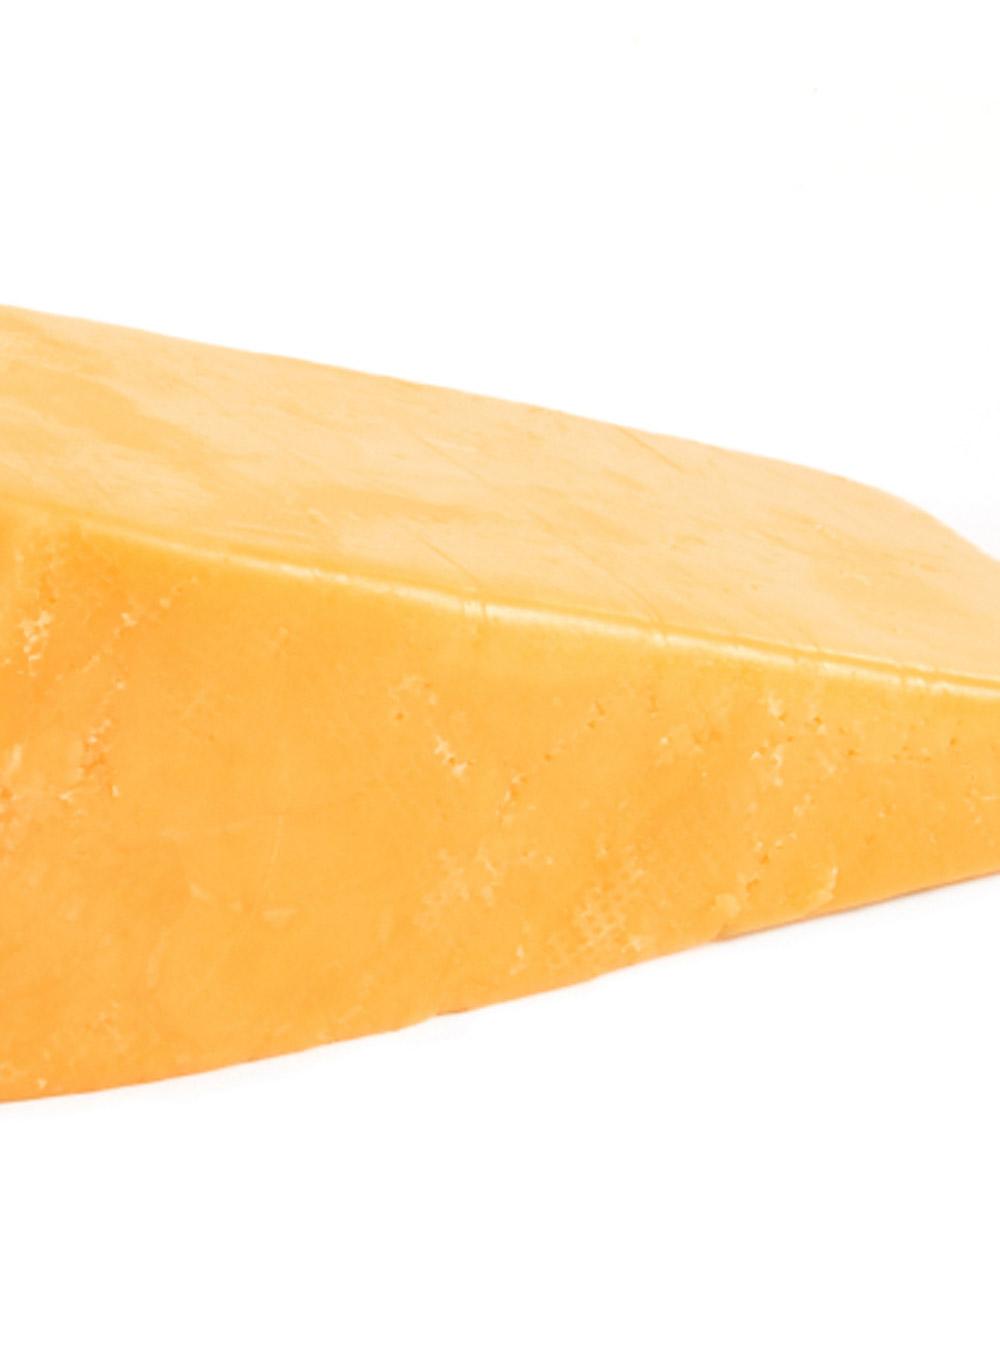 Macaronis au fromage   ricardo